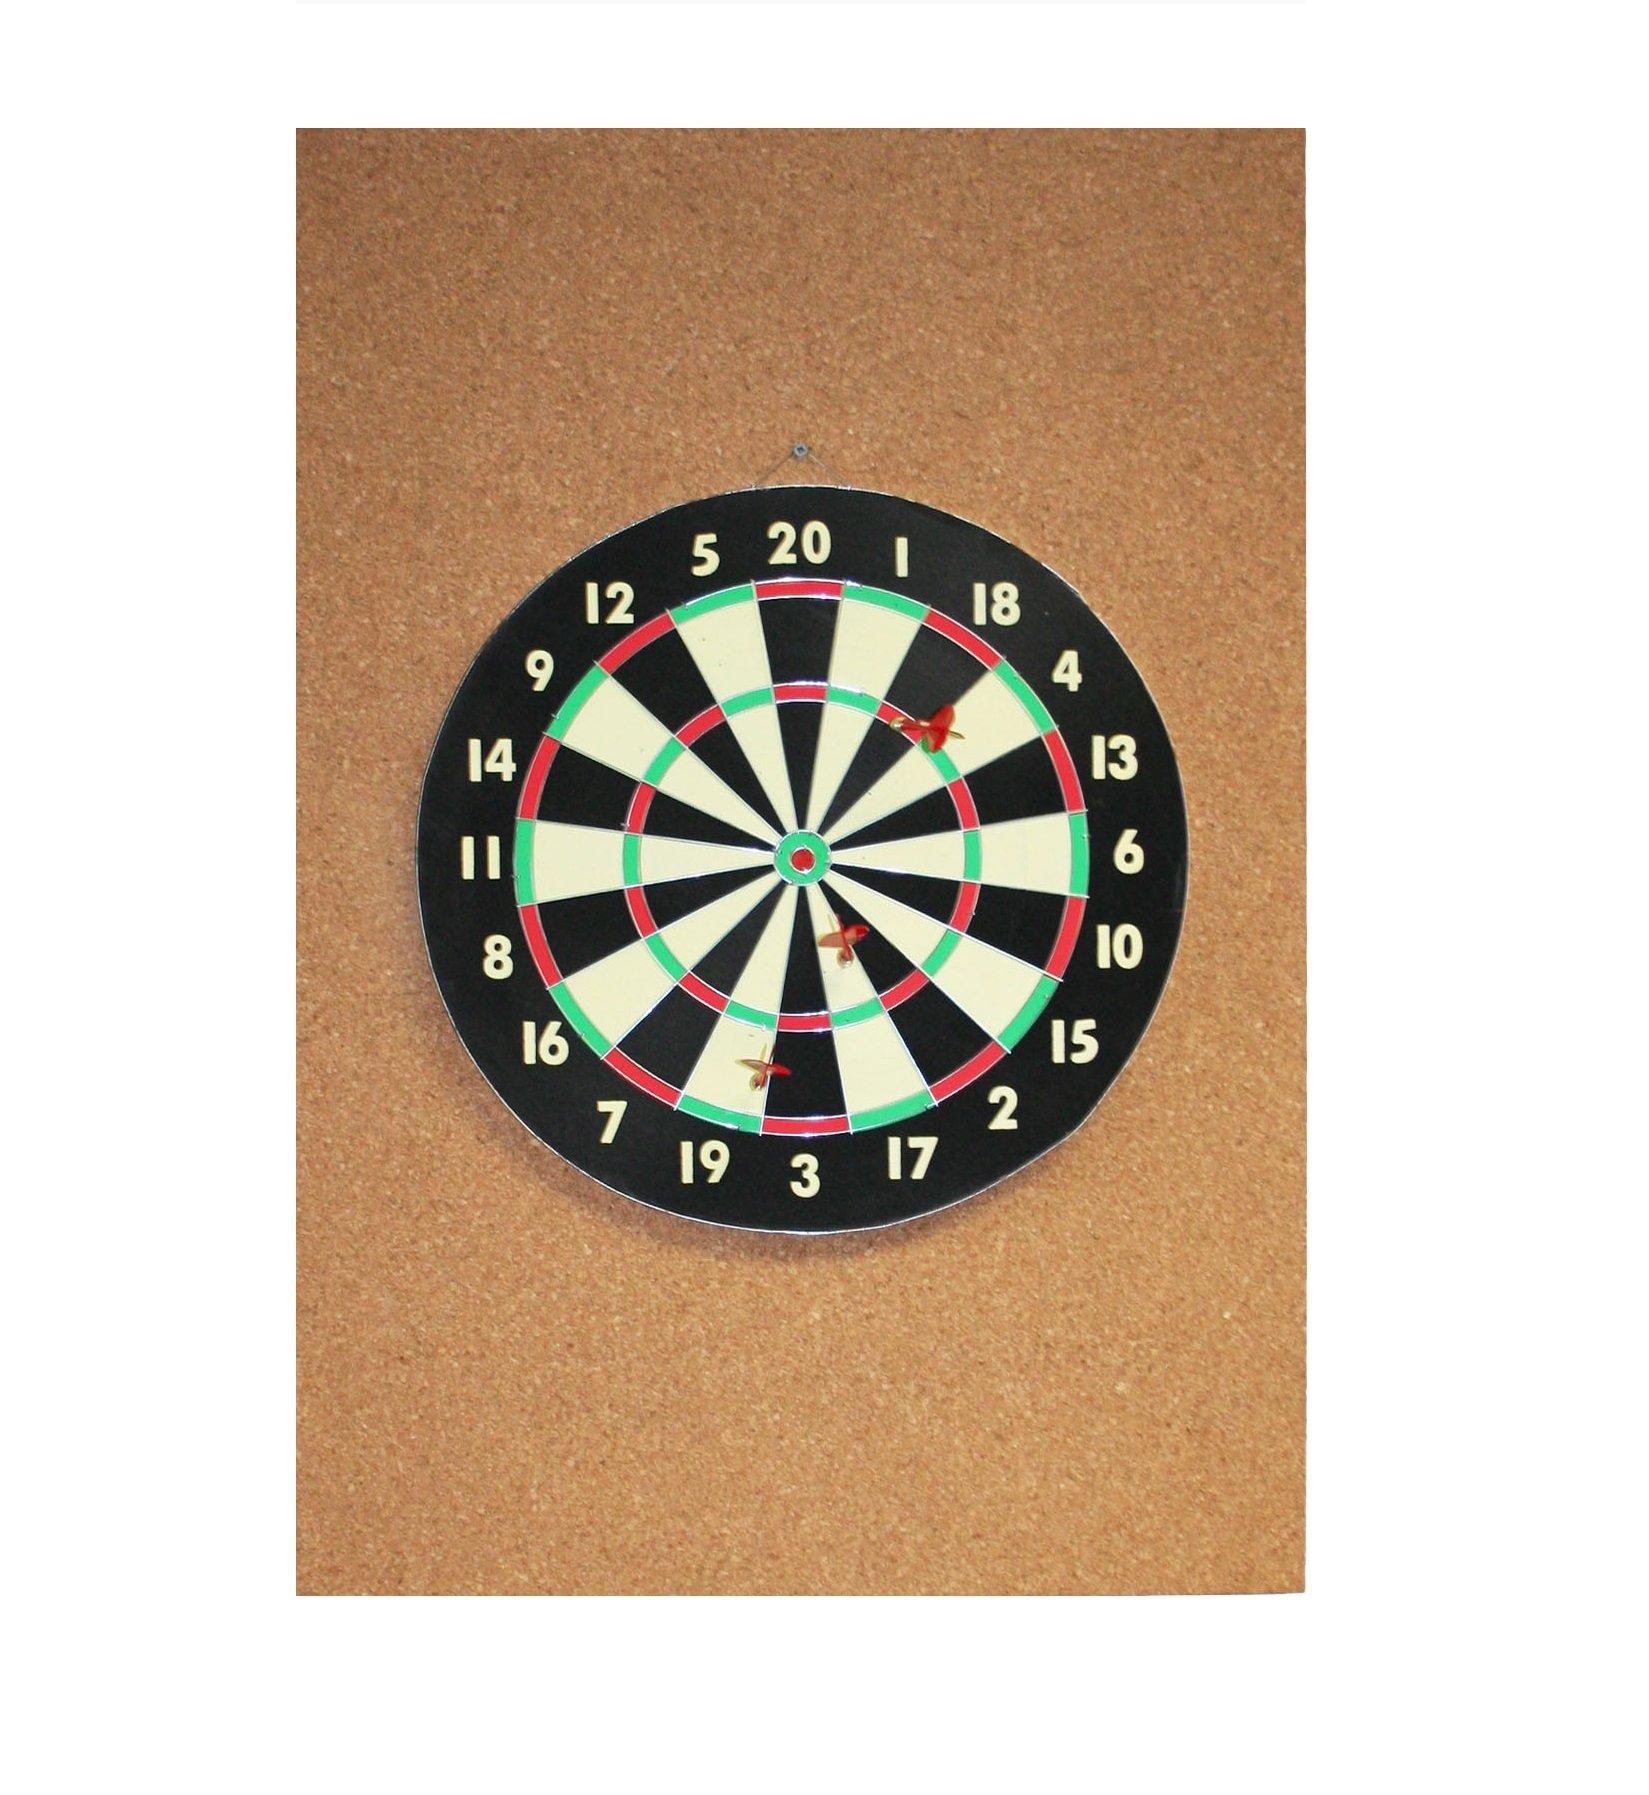 Cork Dart Board Backer 36'' x 24'' x 1/2''